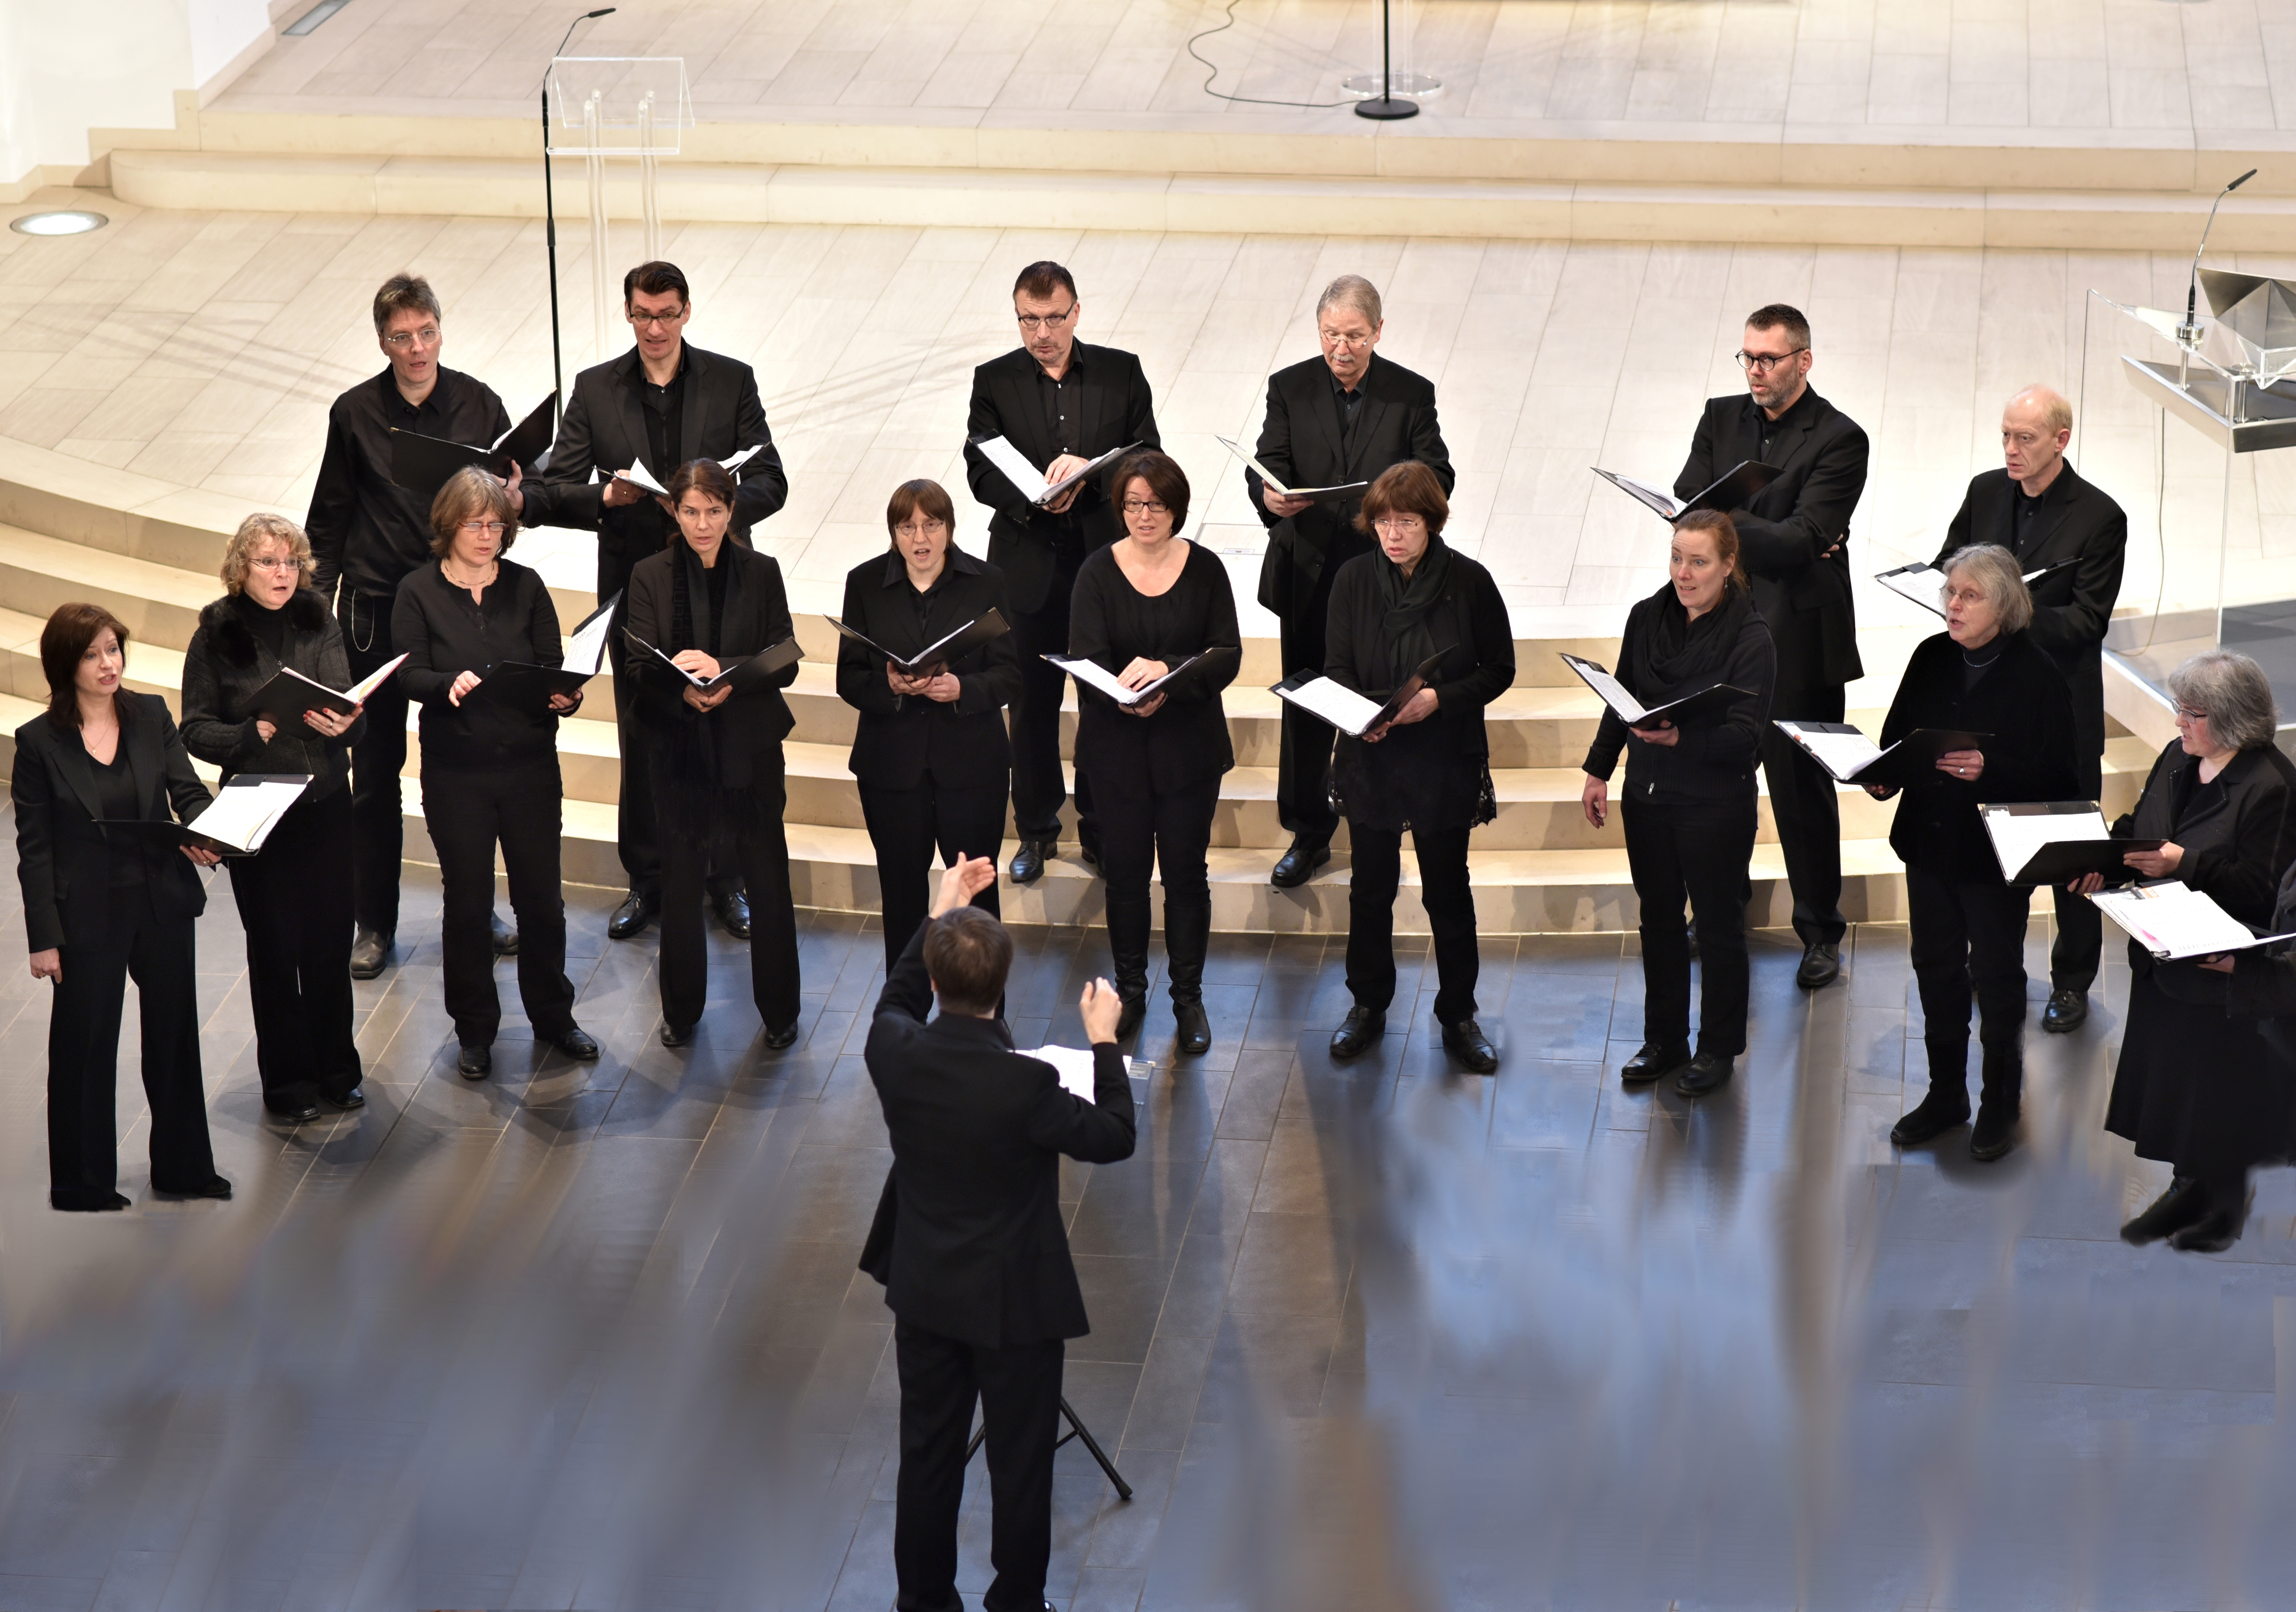 Vor dem Chorleiter, der nur in Rückenansicht zu sehen ist, stehen die Sängerinnen des Kammerchores in schwarzer Kleidung und singen aus schwarzen Mappen.